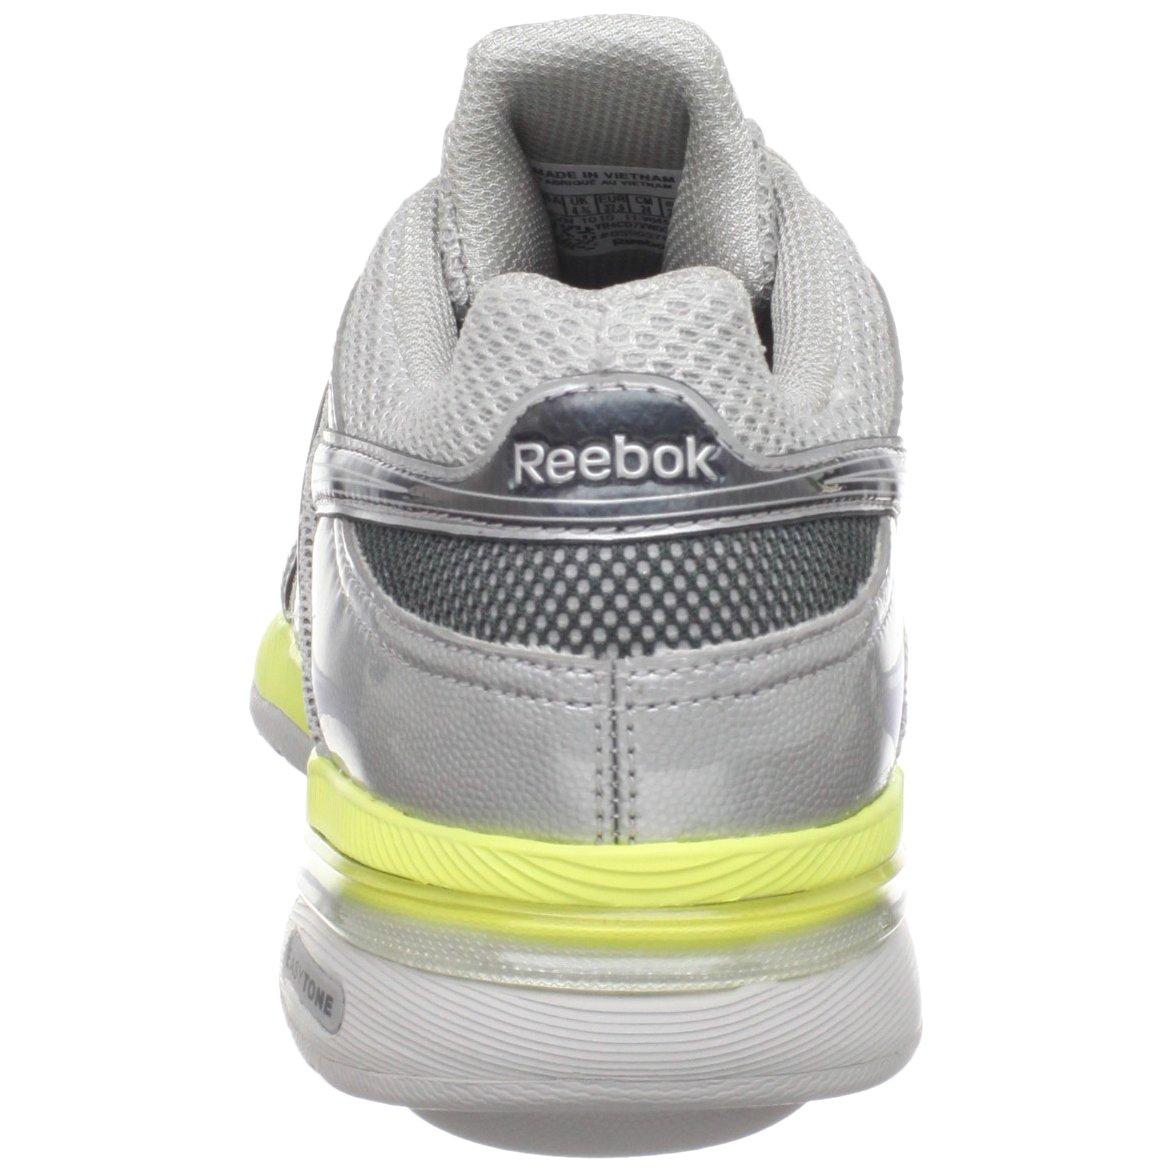 Reebok Women s EasyTone Reenew Walking Shoe f155bd63b